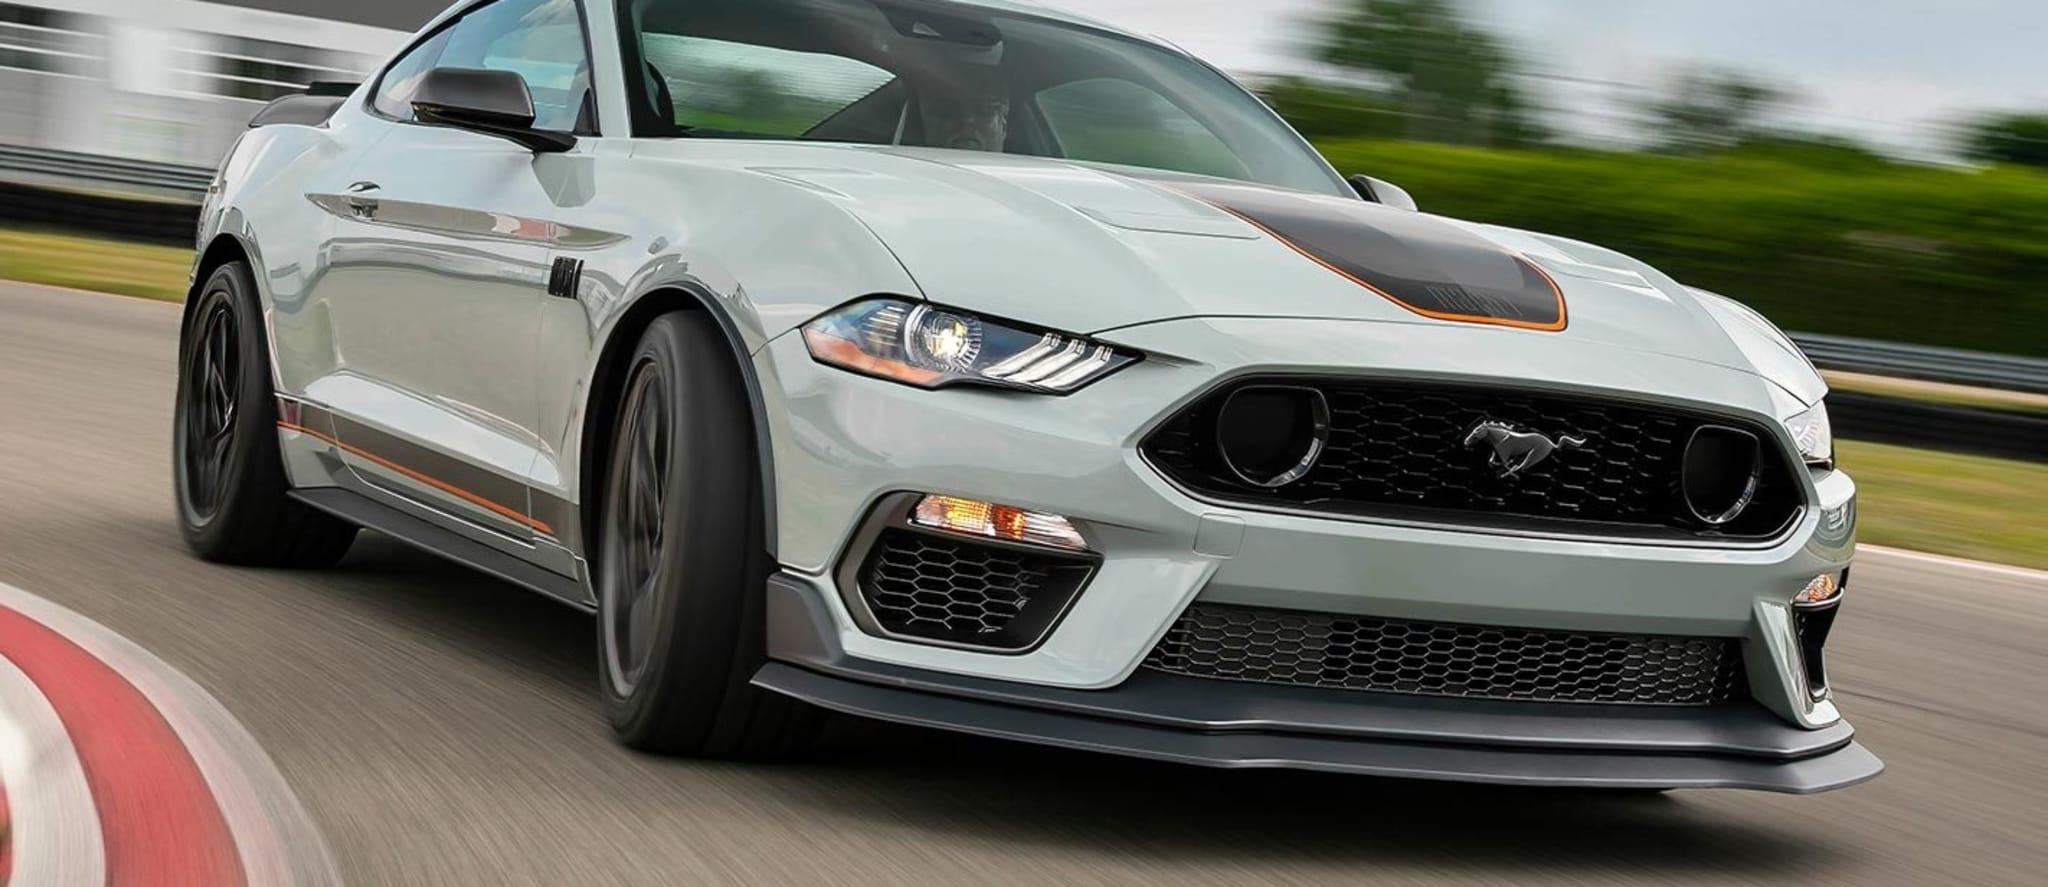 野马 V8 车型可能会从 2022 年开始降低功率